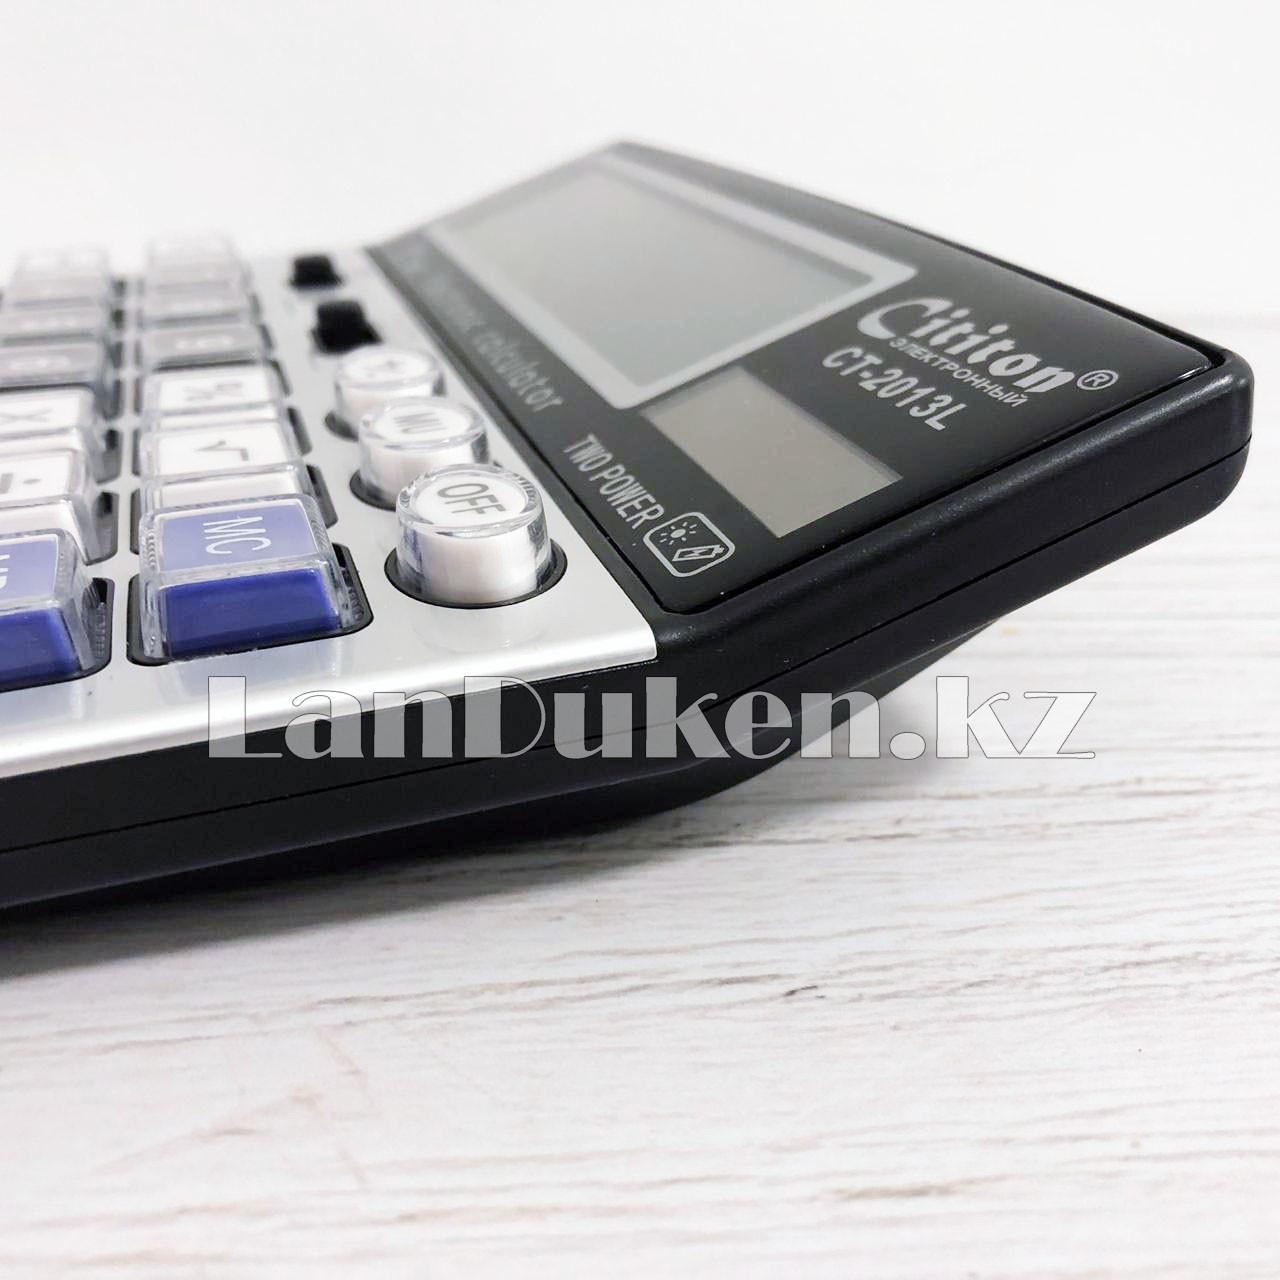 Калькулятор настольный 12-разрядный Cititon CT-2013L - фото 5